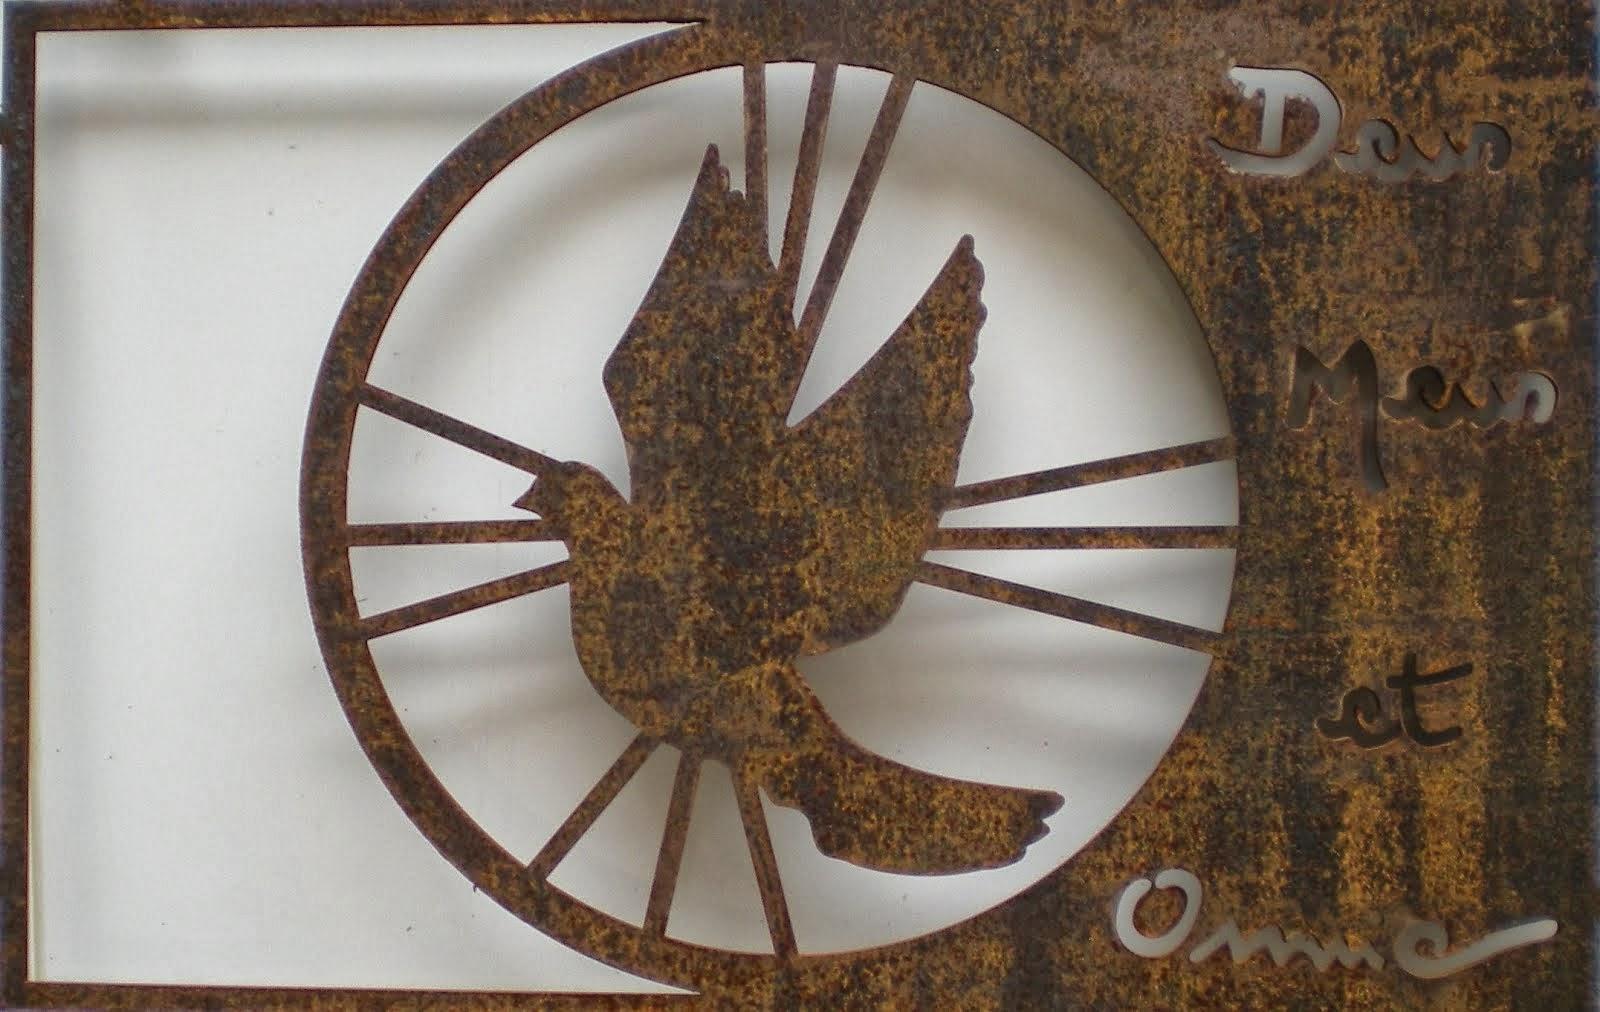 DEUS MEUS ET OMNIA - Santa Maria Maggiore in Assisi